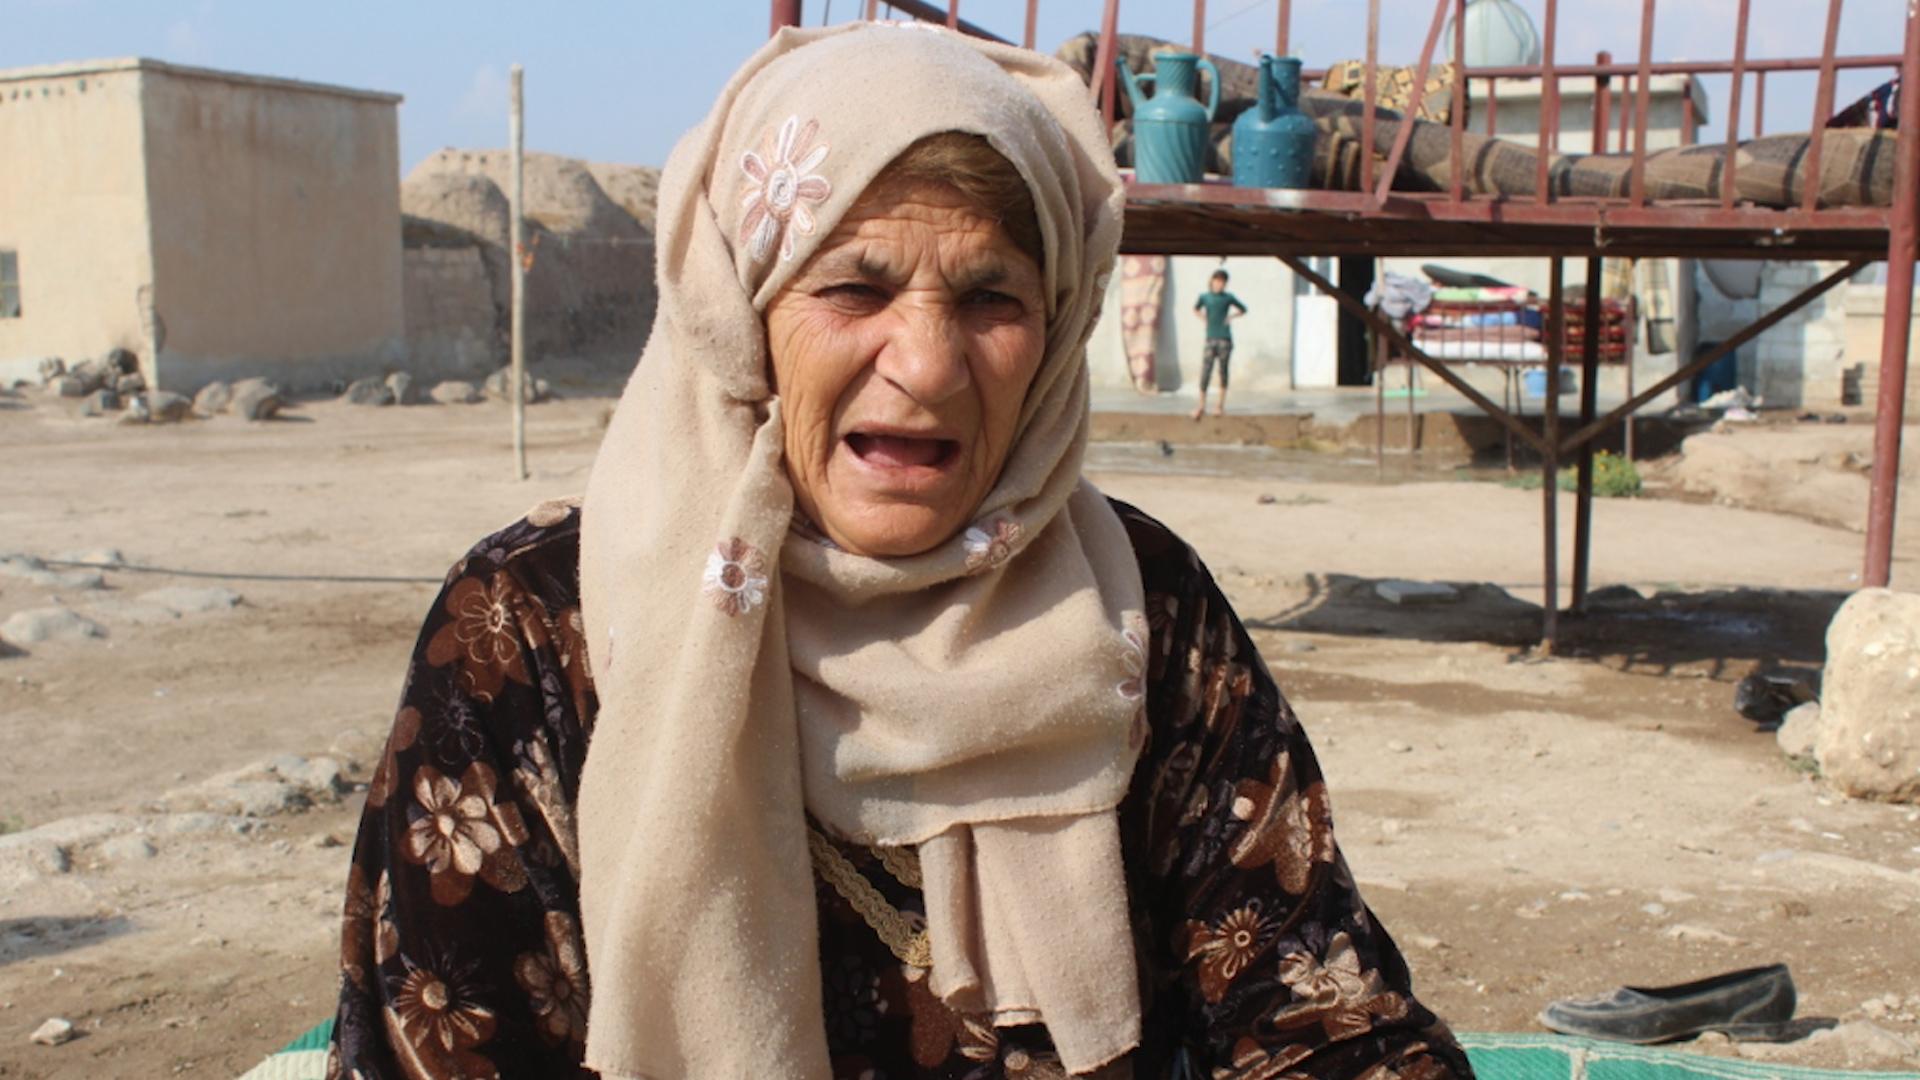 Photo of Çeteyan mala Kurdekî şewtand û ew jî ji qehra mir